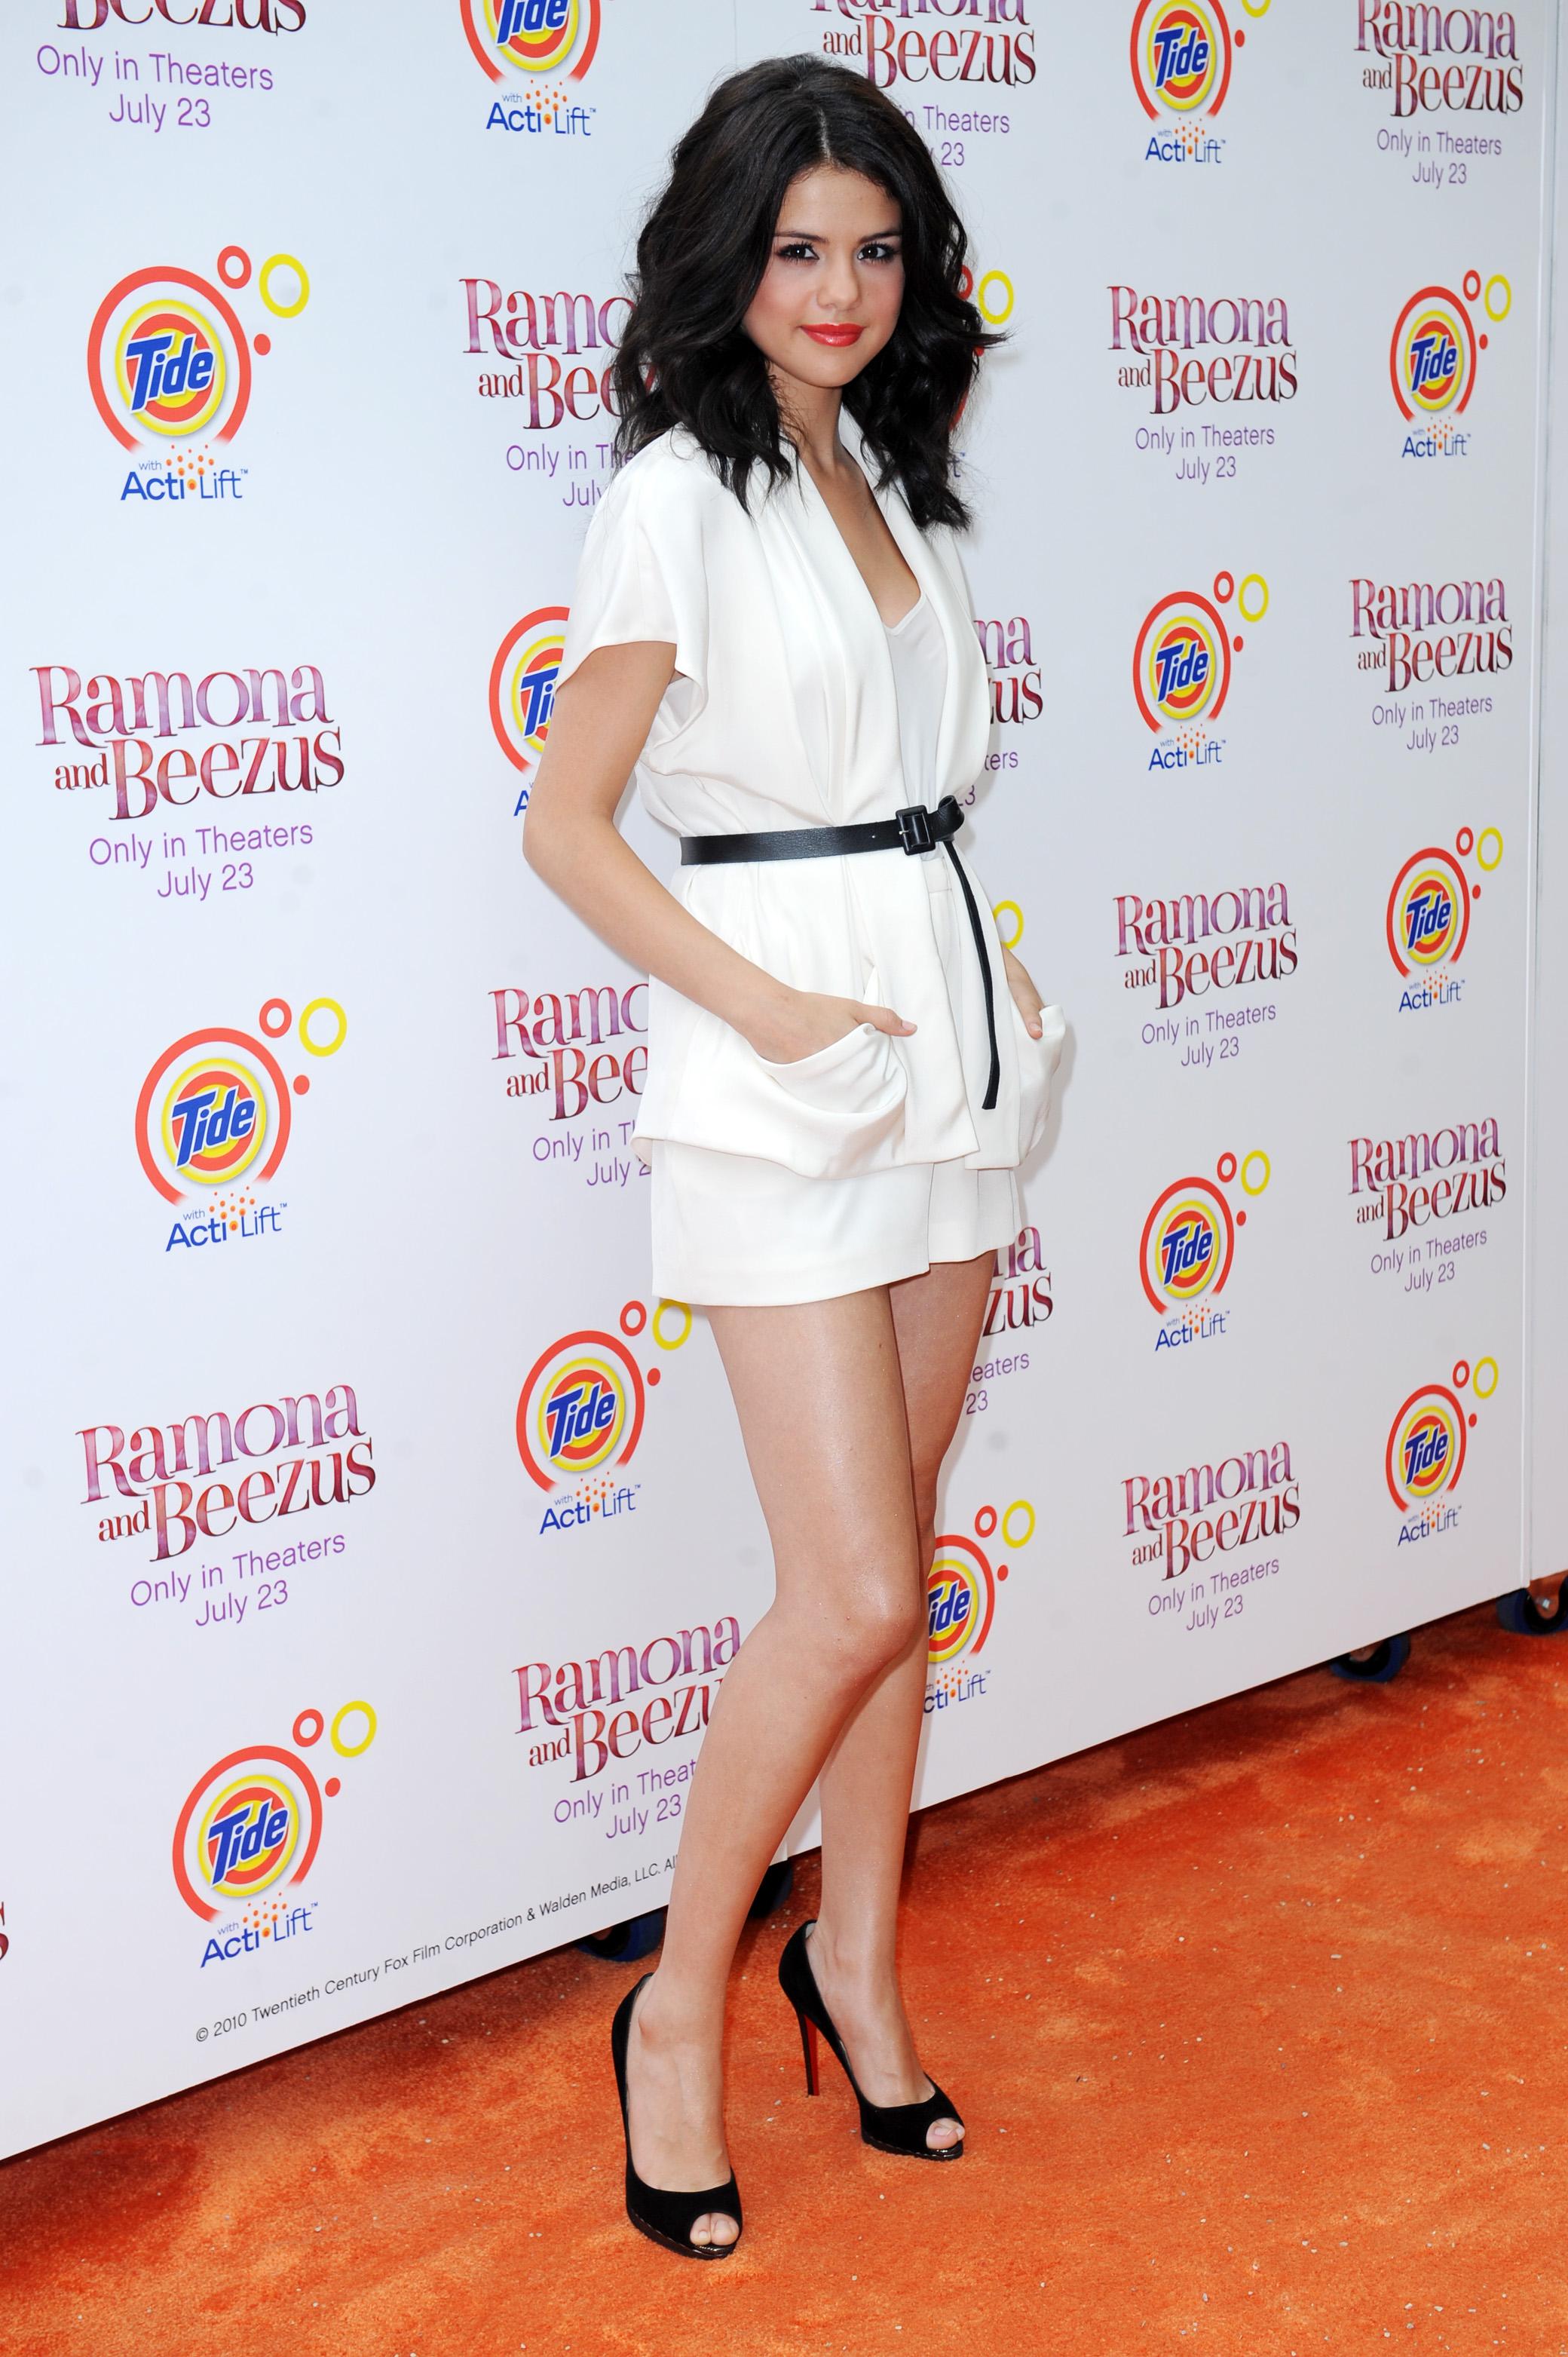 selena gomez ramona and beezus premiere. Tween queen Selena Gomez